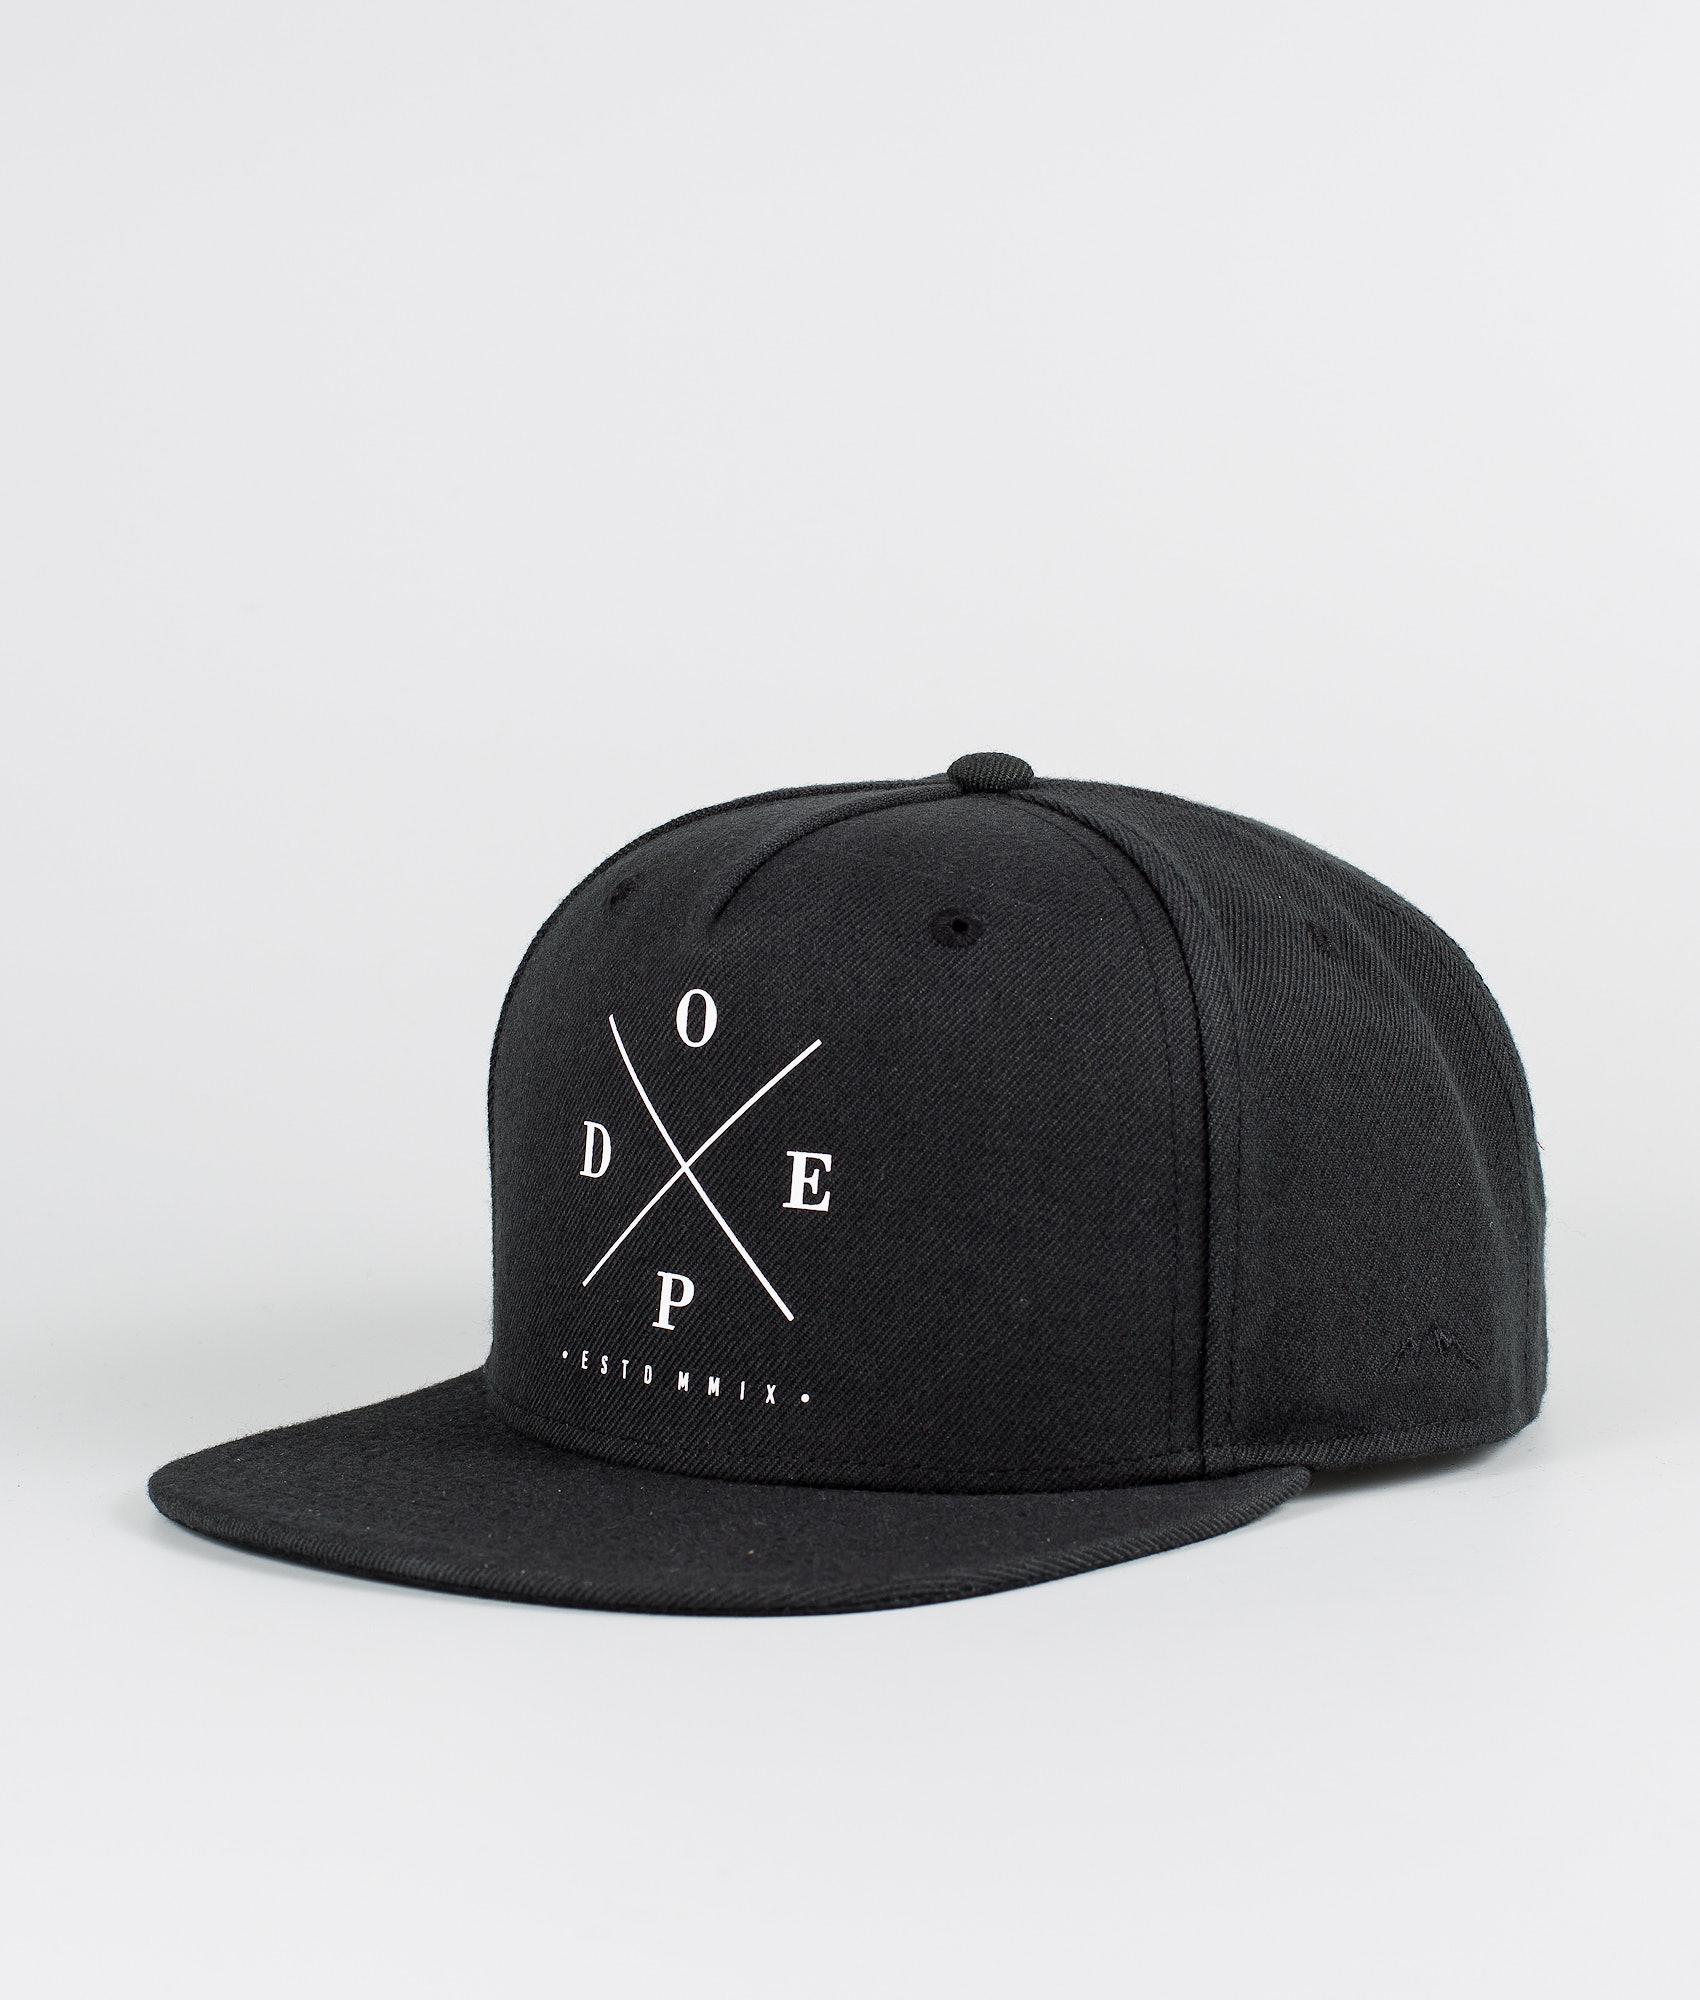 6f4afa87b1c222 Streetwear Caps